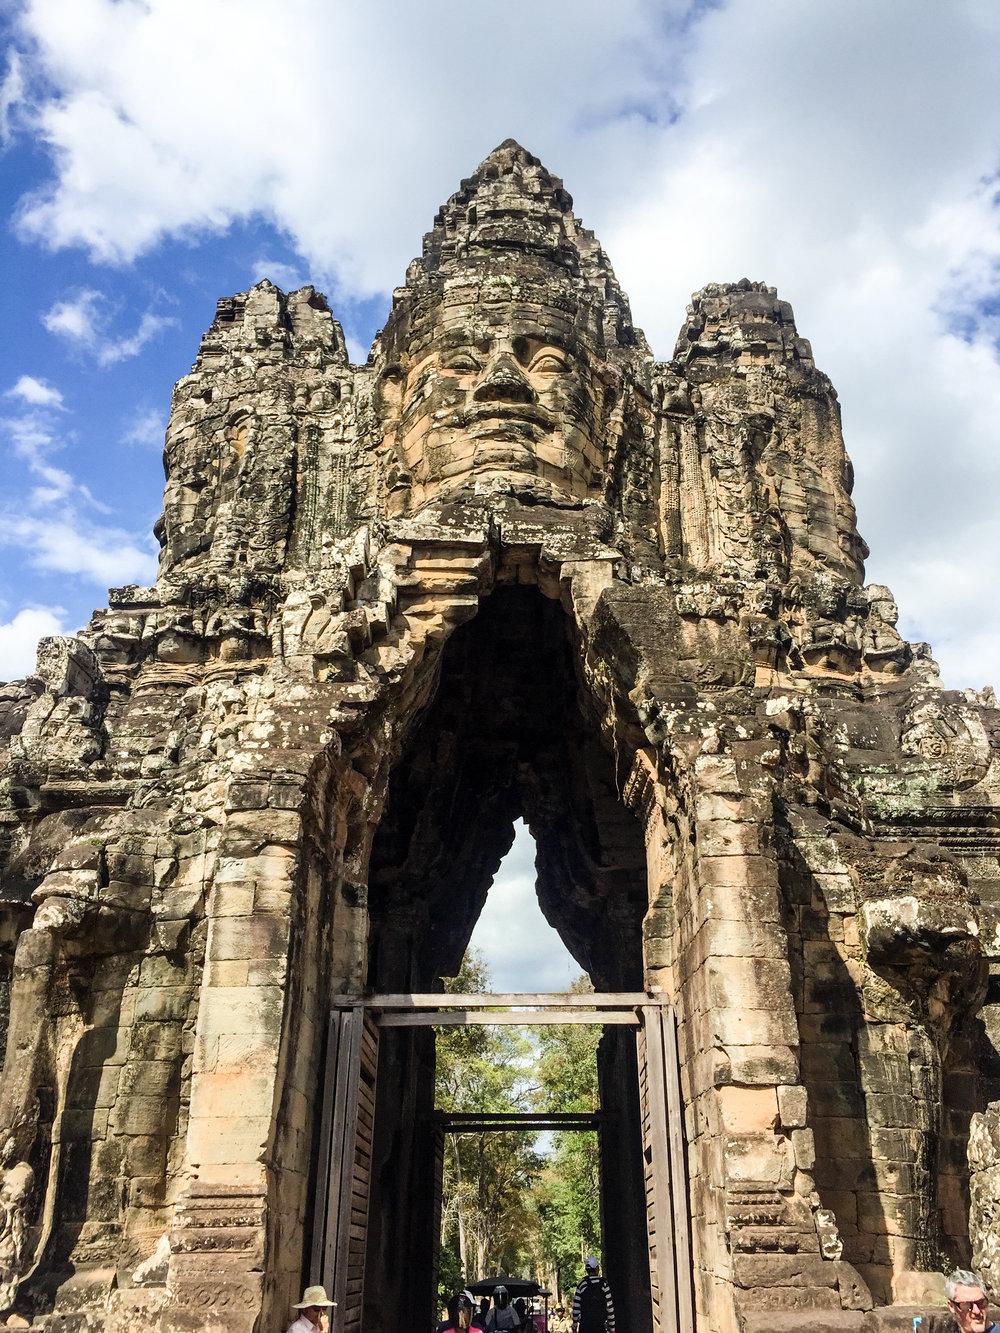 Visiting Angkor Thom Temple